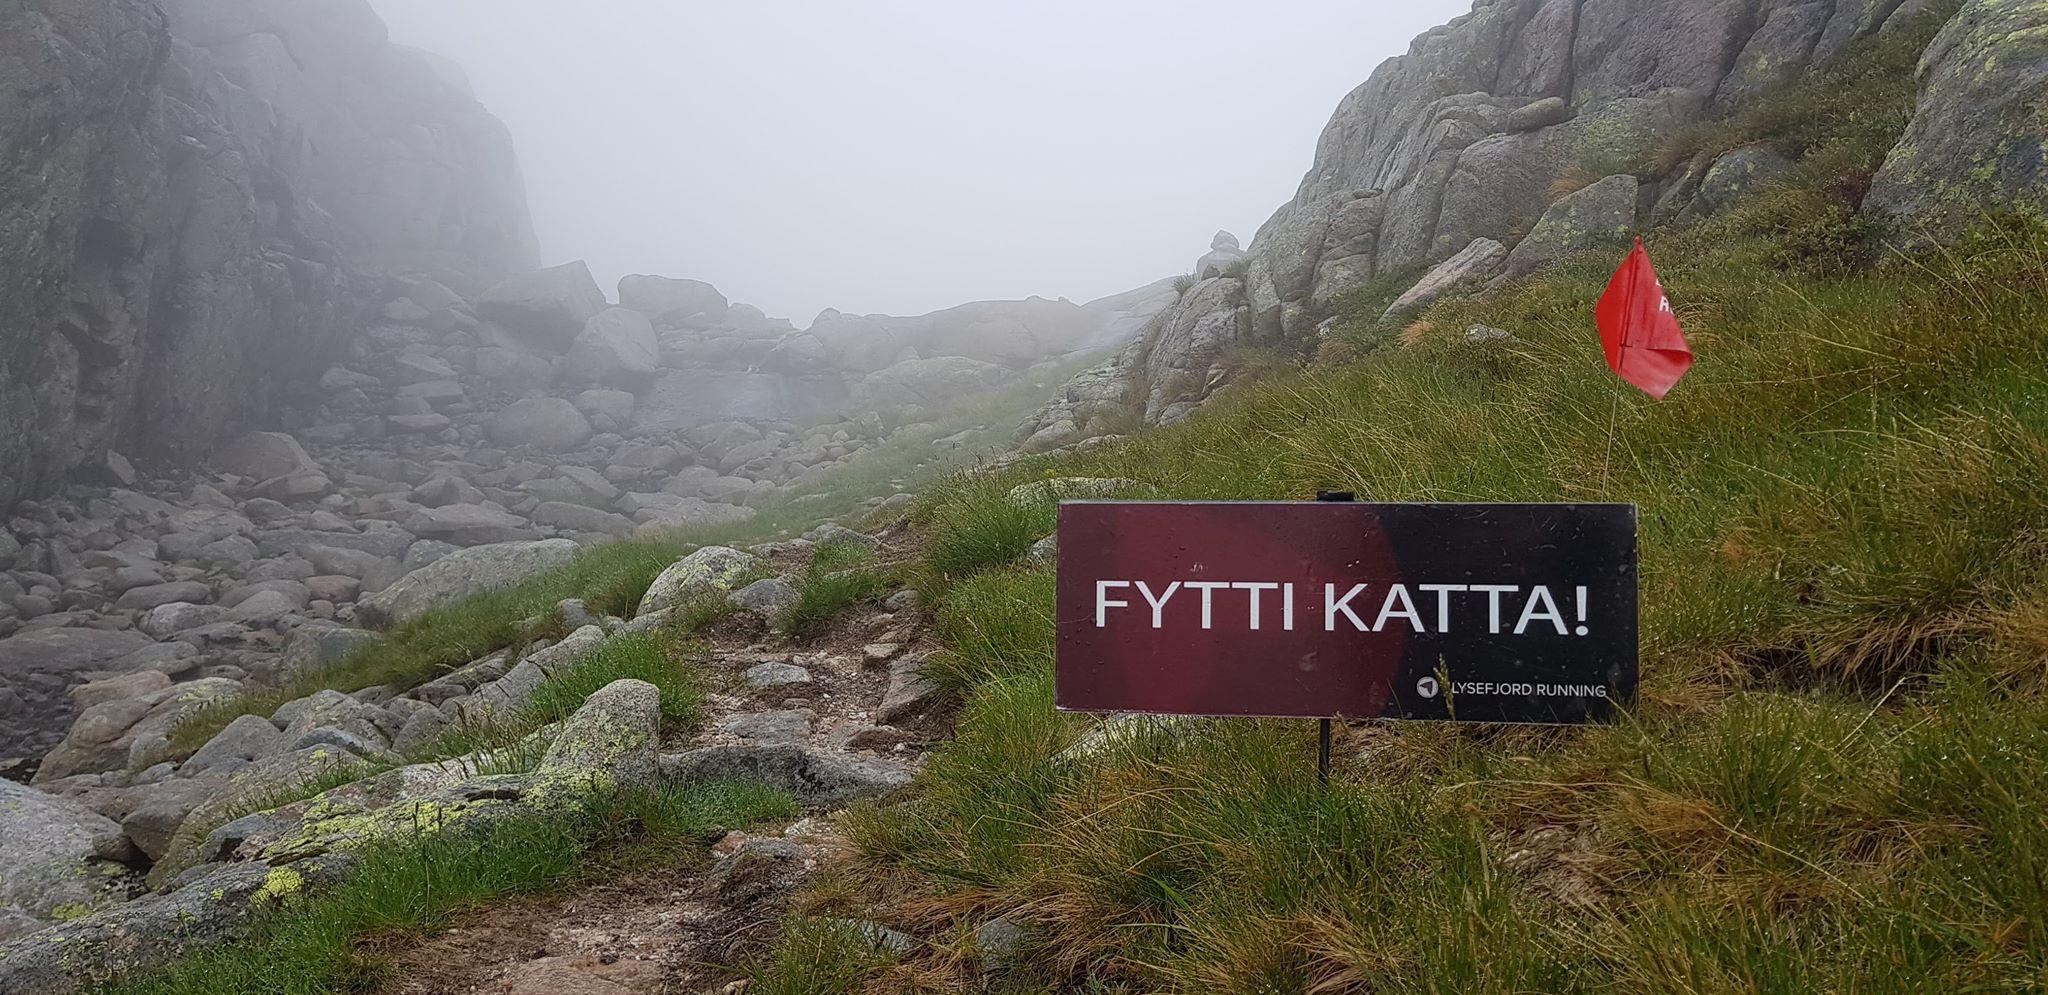 Fytti_Katta.jpg